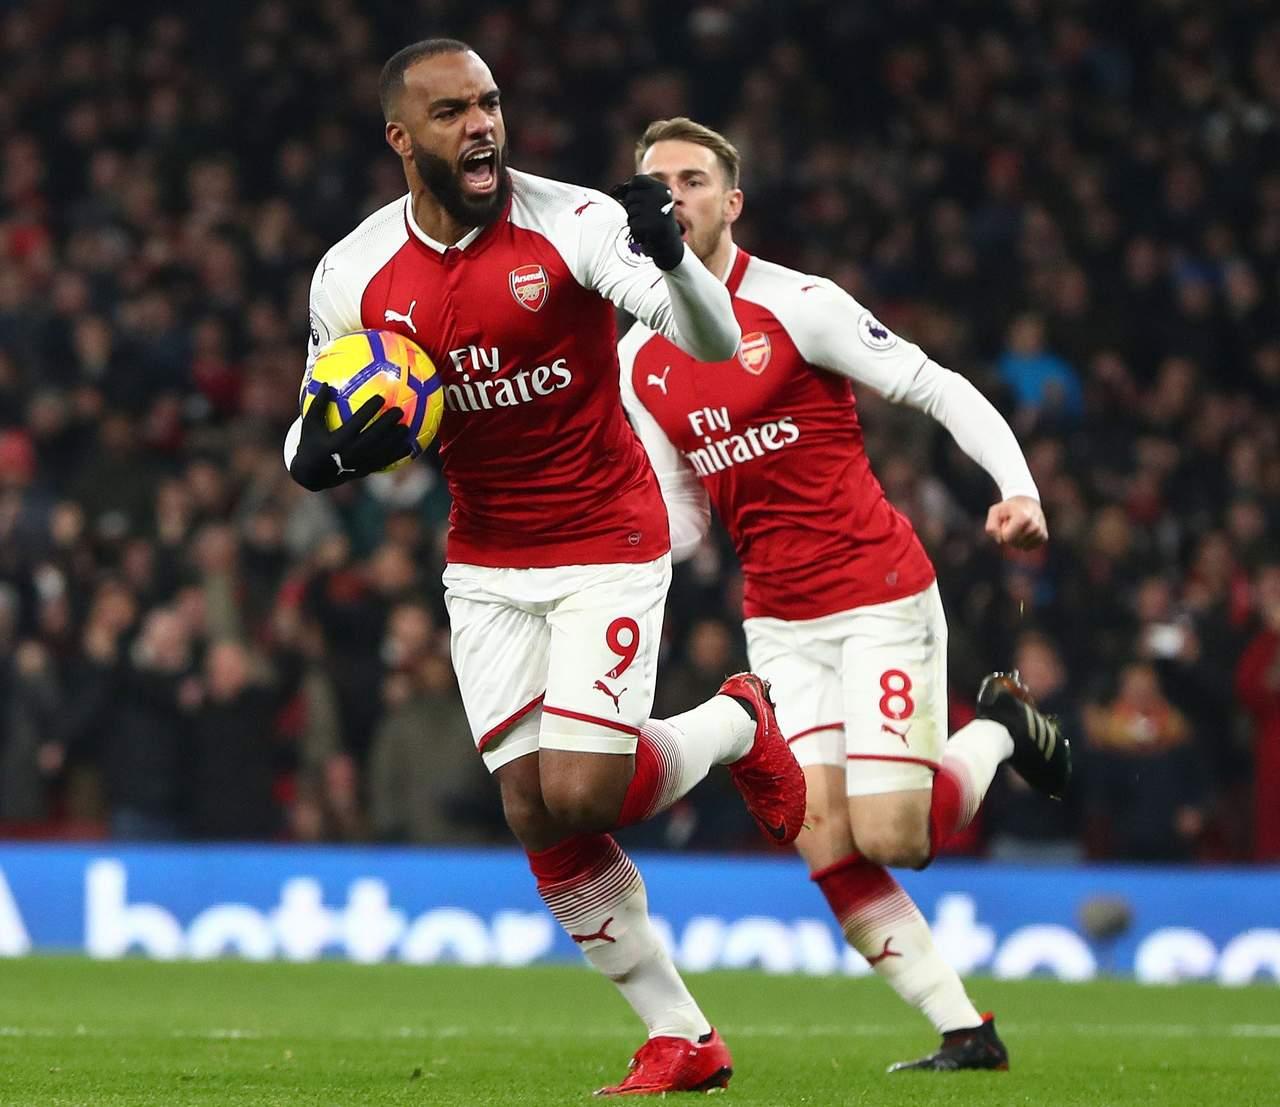 Arsenal pierde a Lacazette tras operación de rodilla